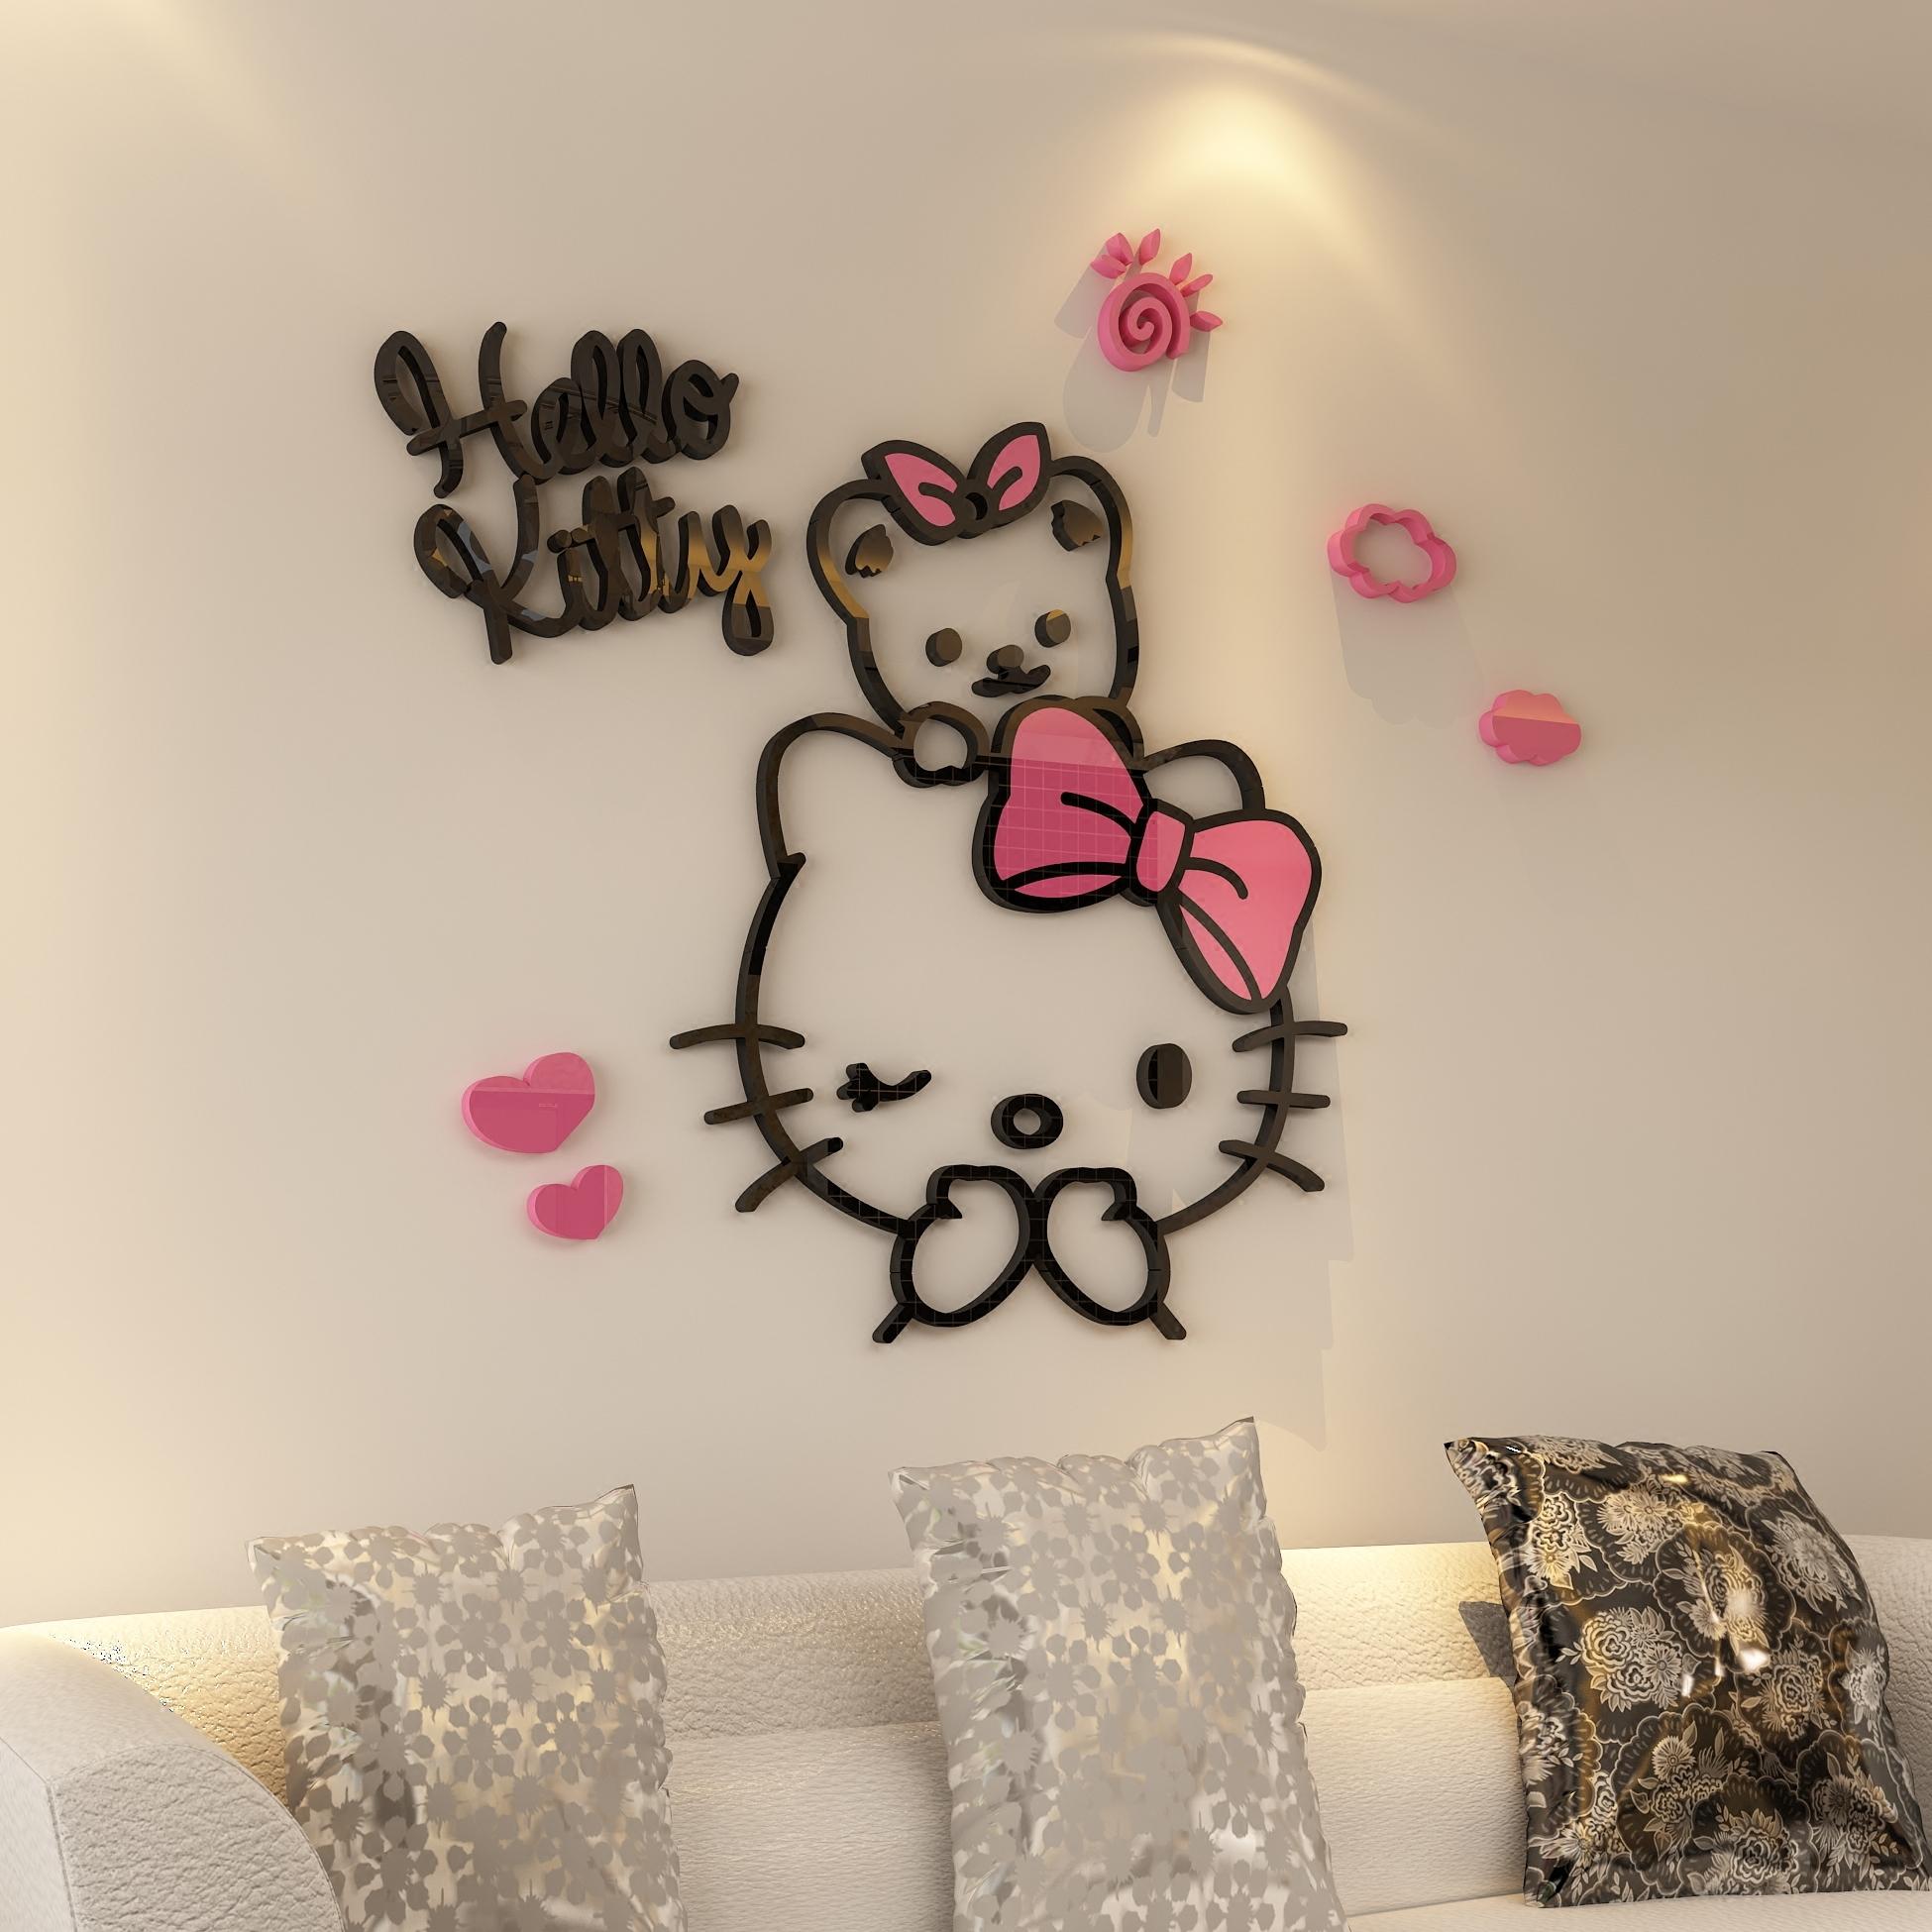 券后15.00元kitty亚克力卧室客厅玄关电视沙发背景贴画墙贴家居饰品创意